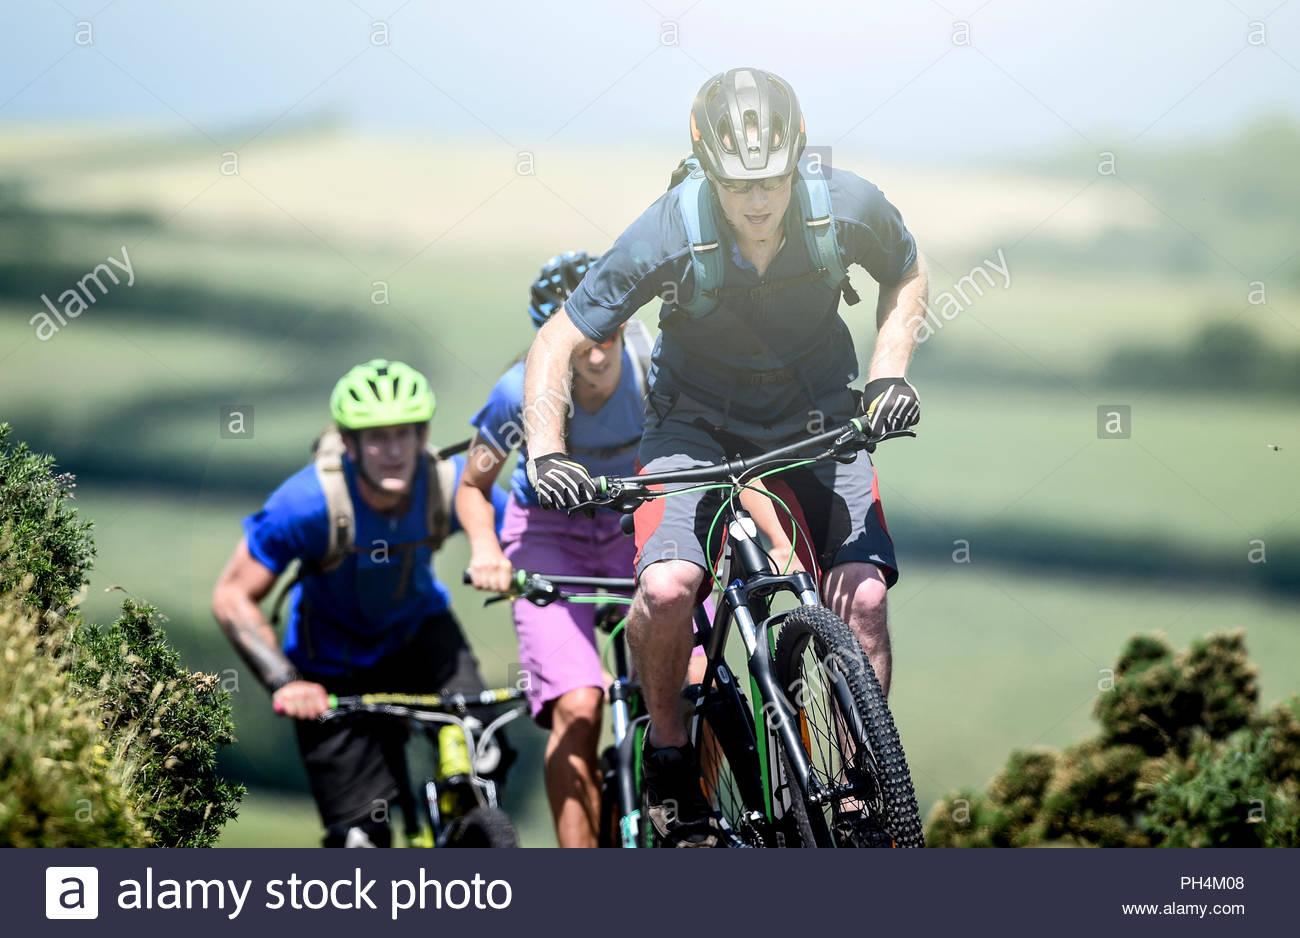 Gli amici della mountain bike in Porlock Weir, Inghilterra Immagini Stock